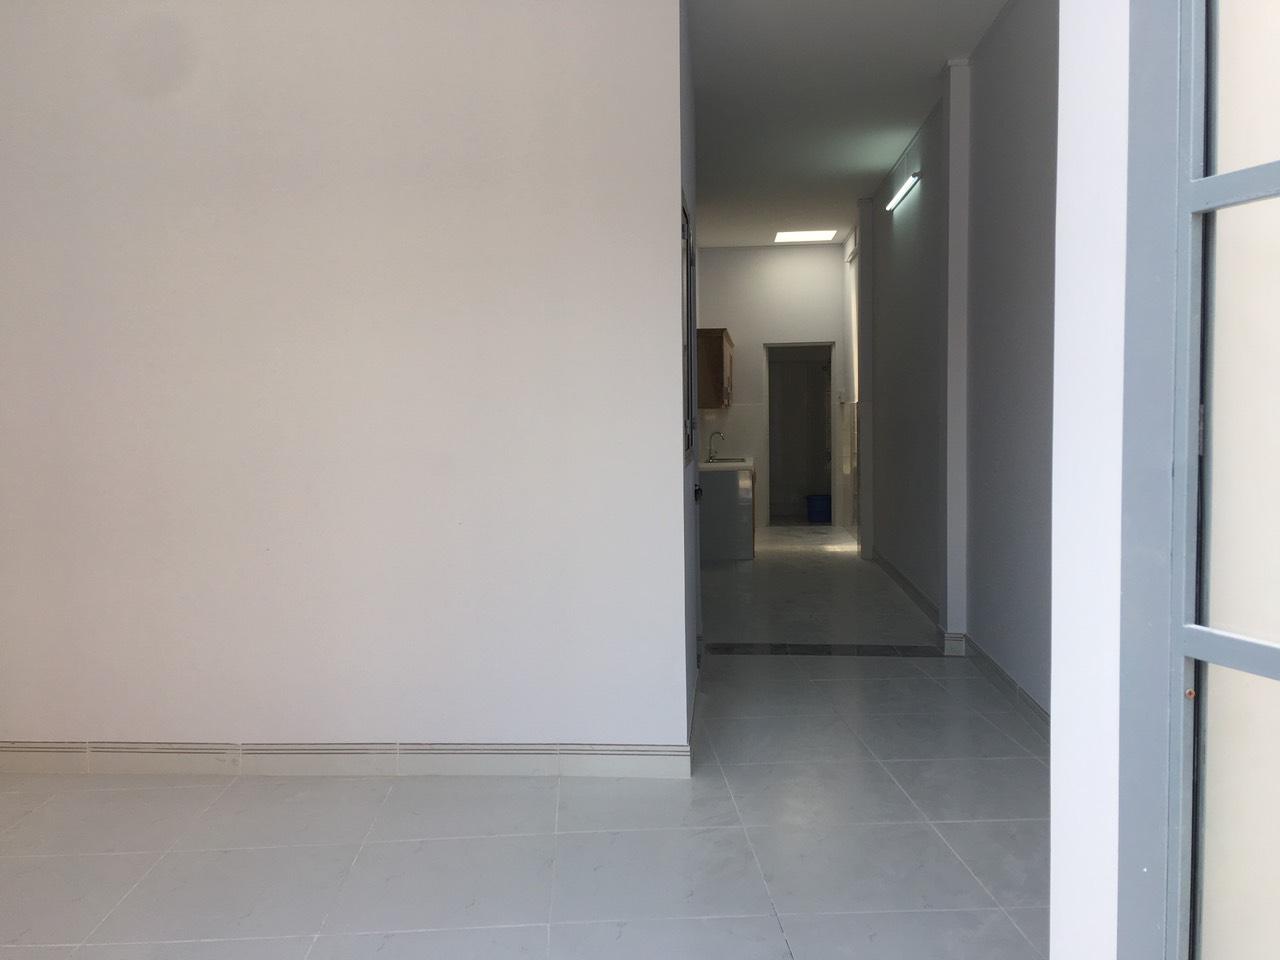 Bán nhà Cấp 4 chính chủ phường Linh Tây Quận Thủ Đức, diện tích 54,4 mét vuông, giá 3,25 tỷ6